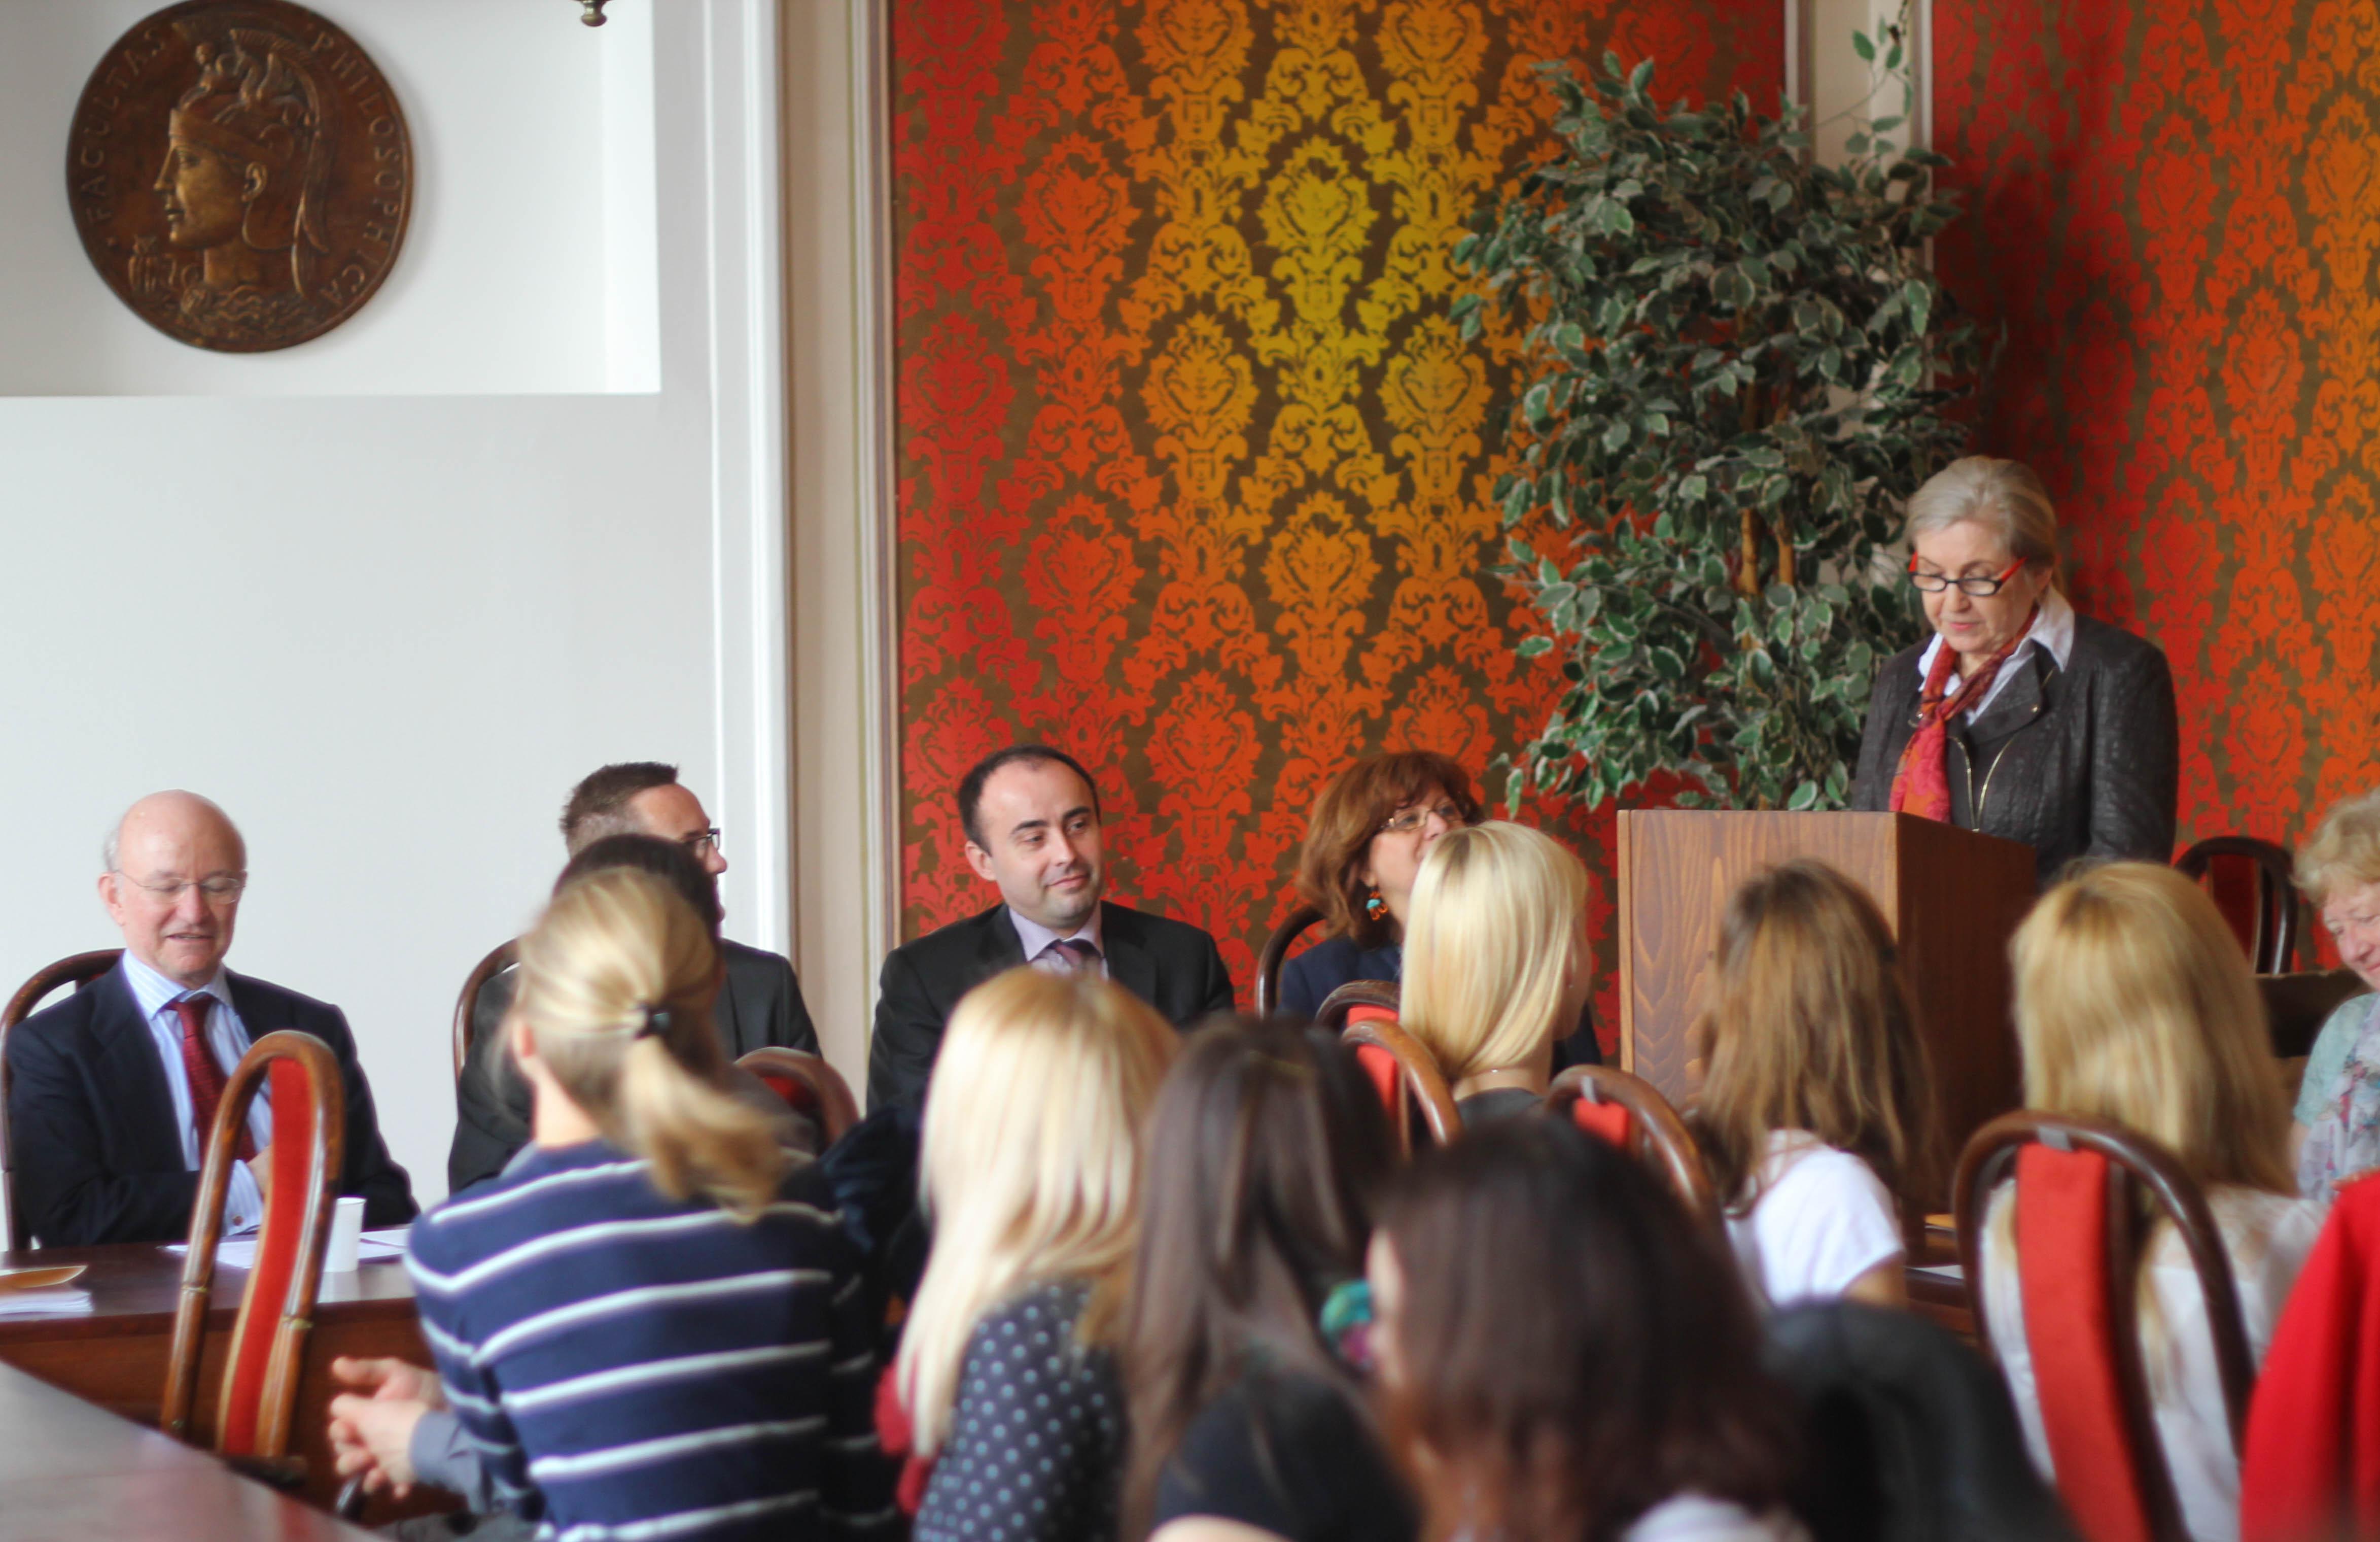 Escena del encuentro, con el embajador y Paulina Sismisova.